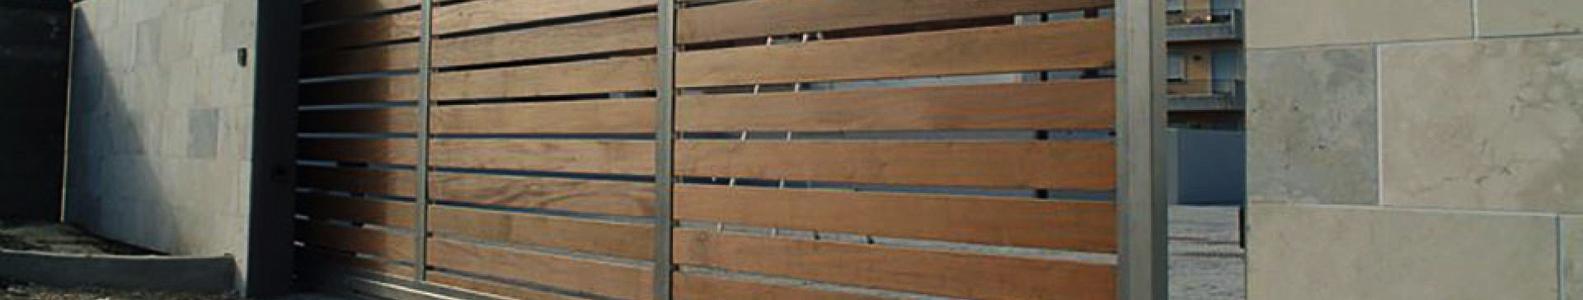 Automatinių vartų,  pakeliamų garažo vartų  montavimas ir remontas